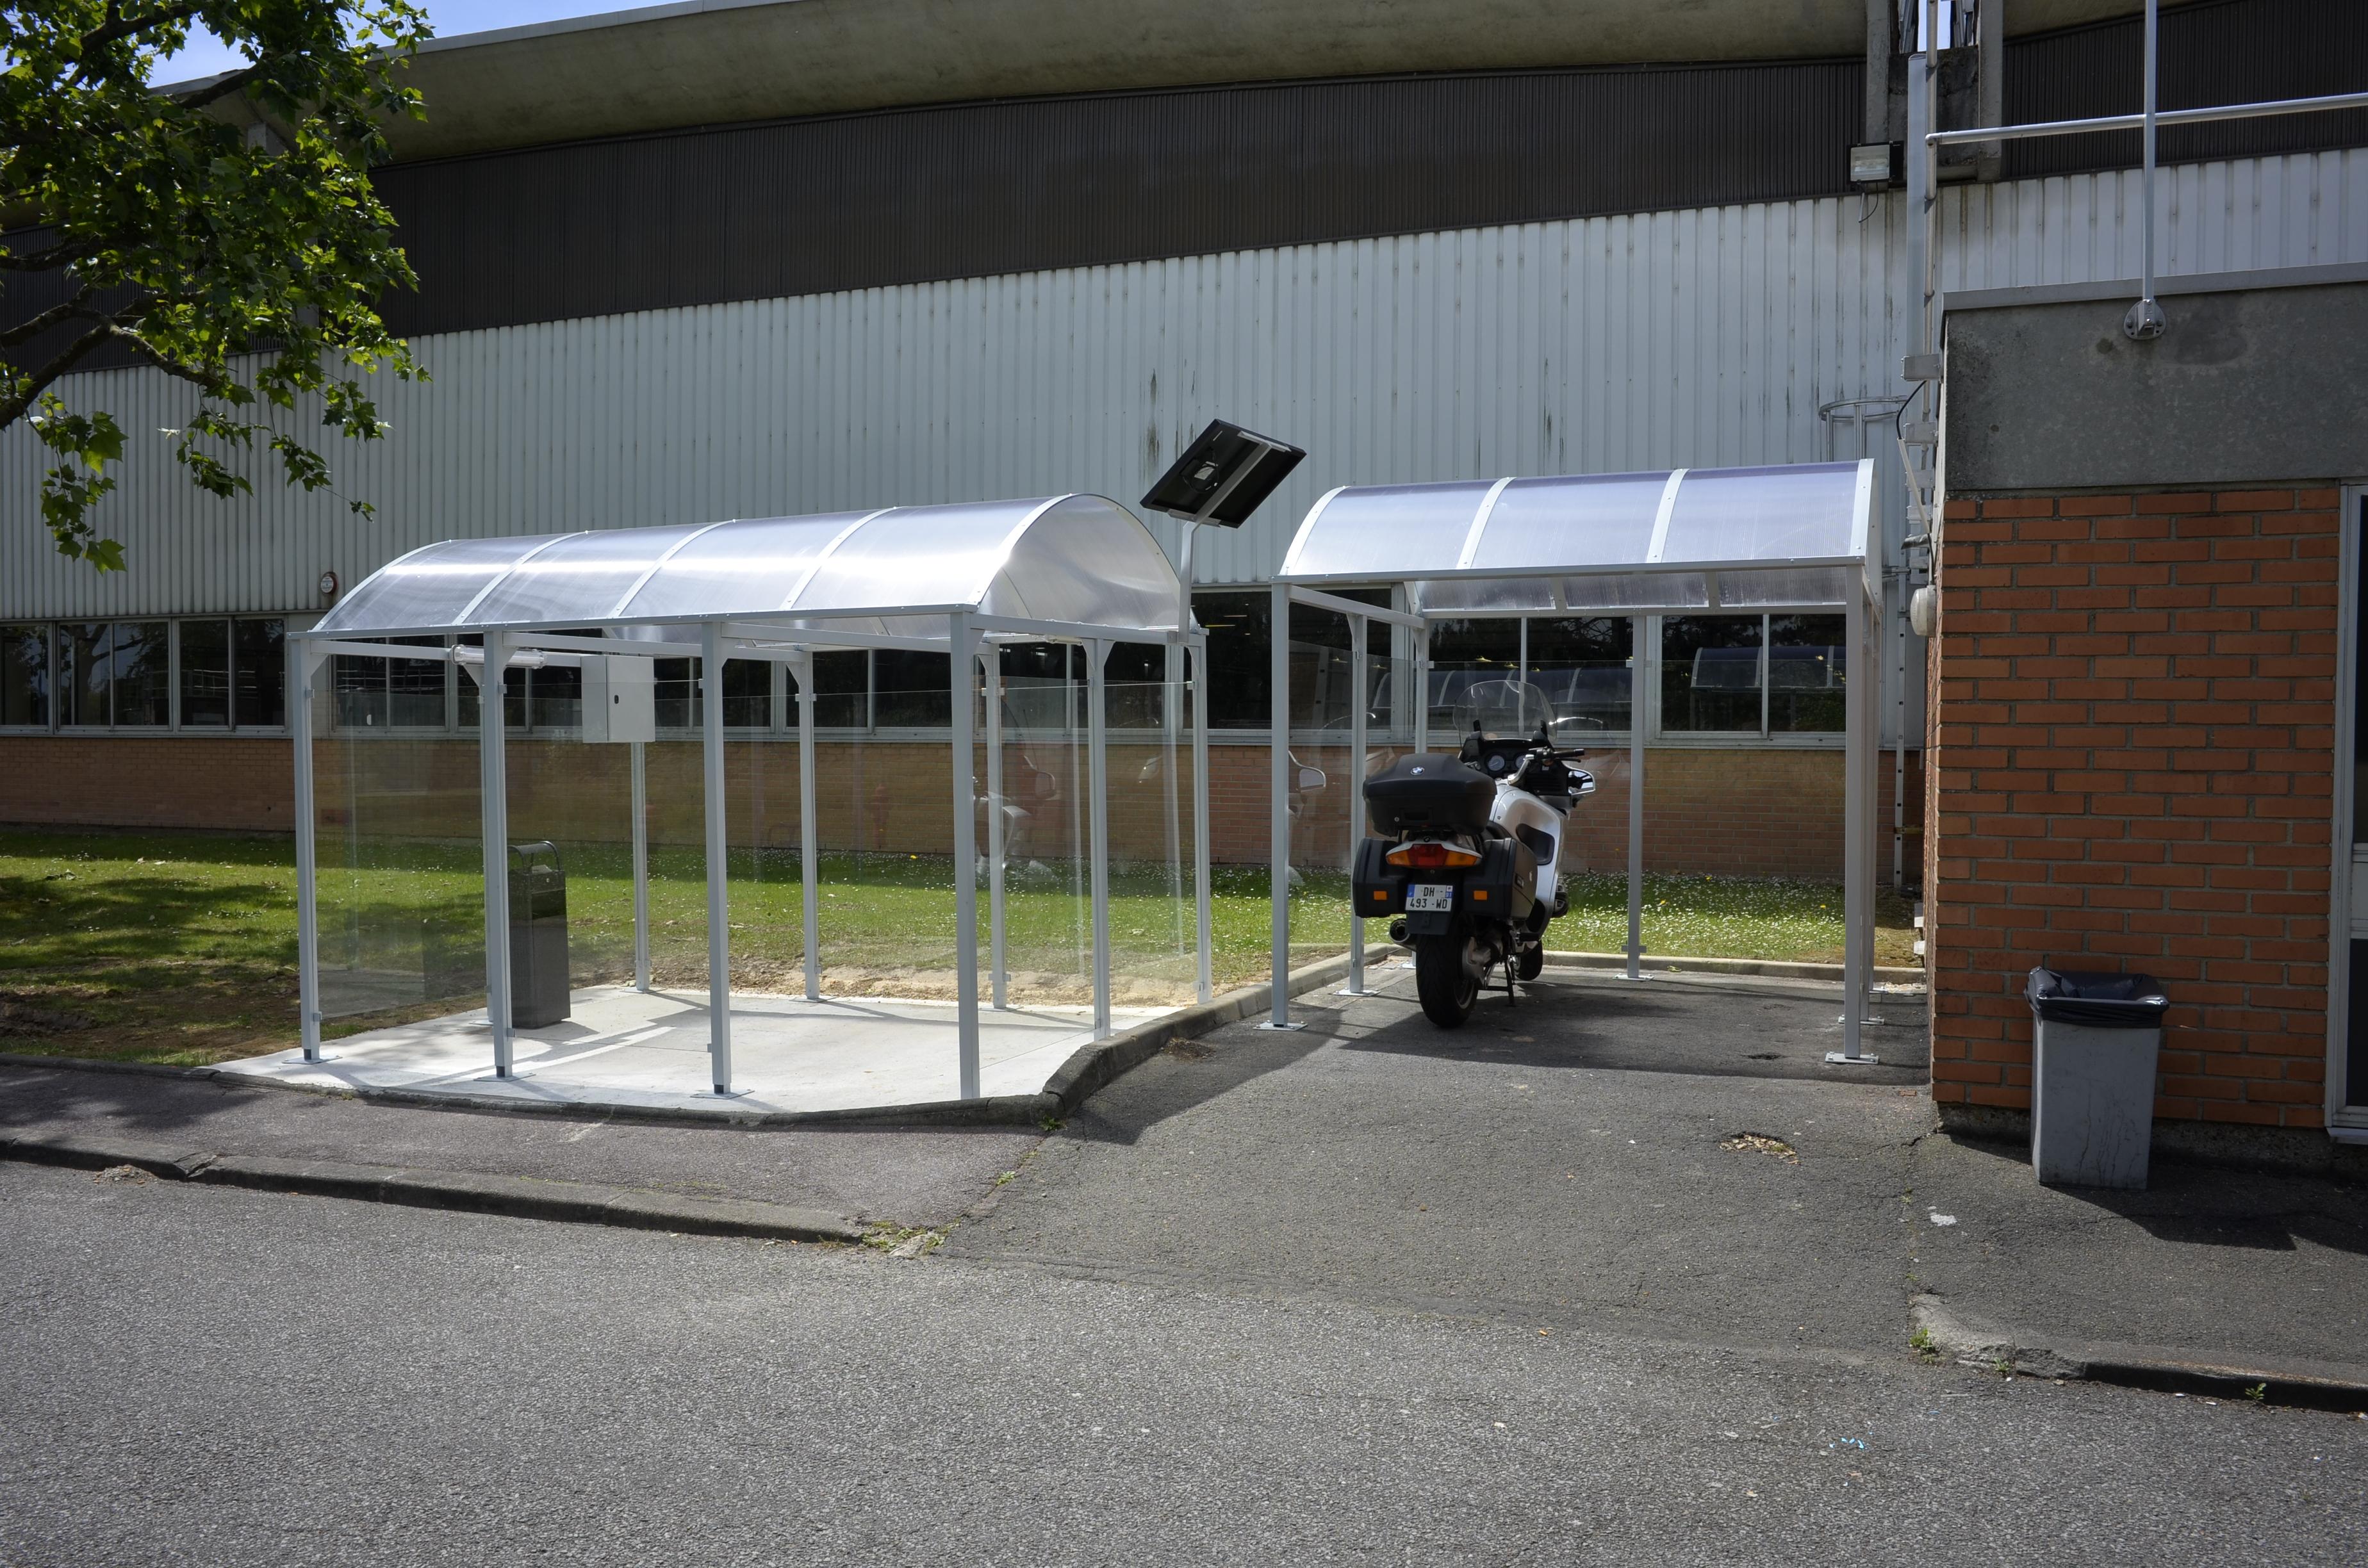 Abri Vélo Pas Cher installation d'un abri mixte : abri deux roues et abri